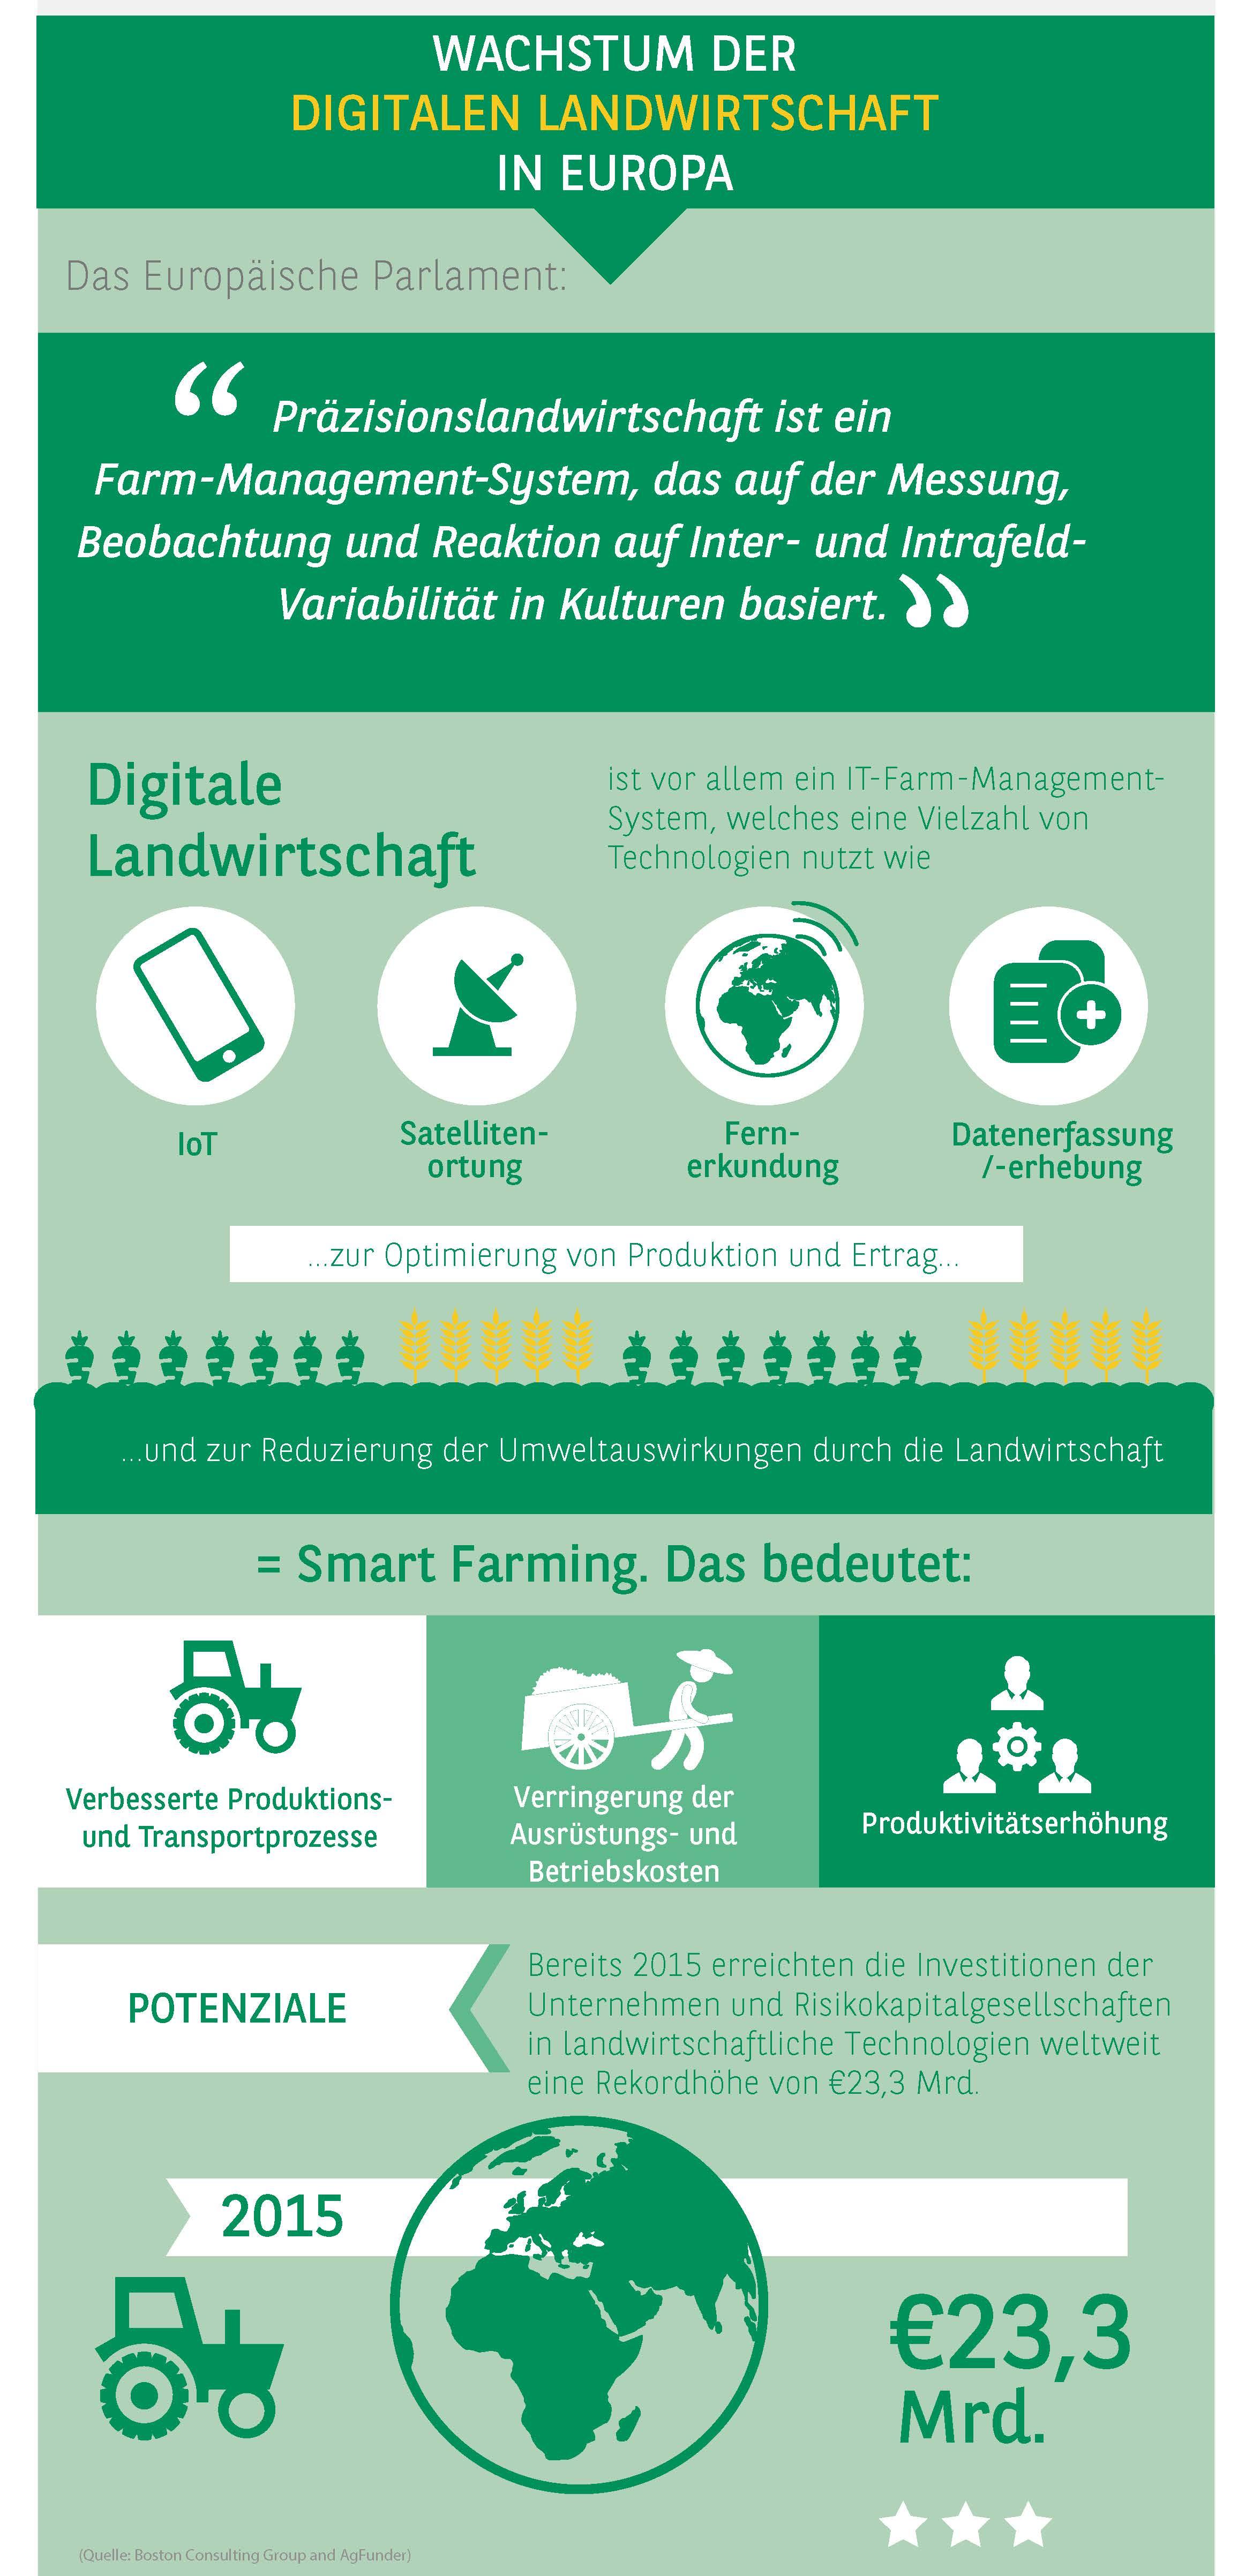 2_Digitale Landwirtschaft und Smart Farming-Potenziale